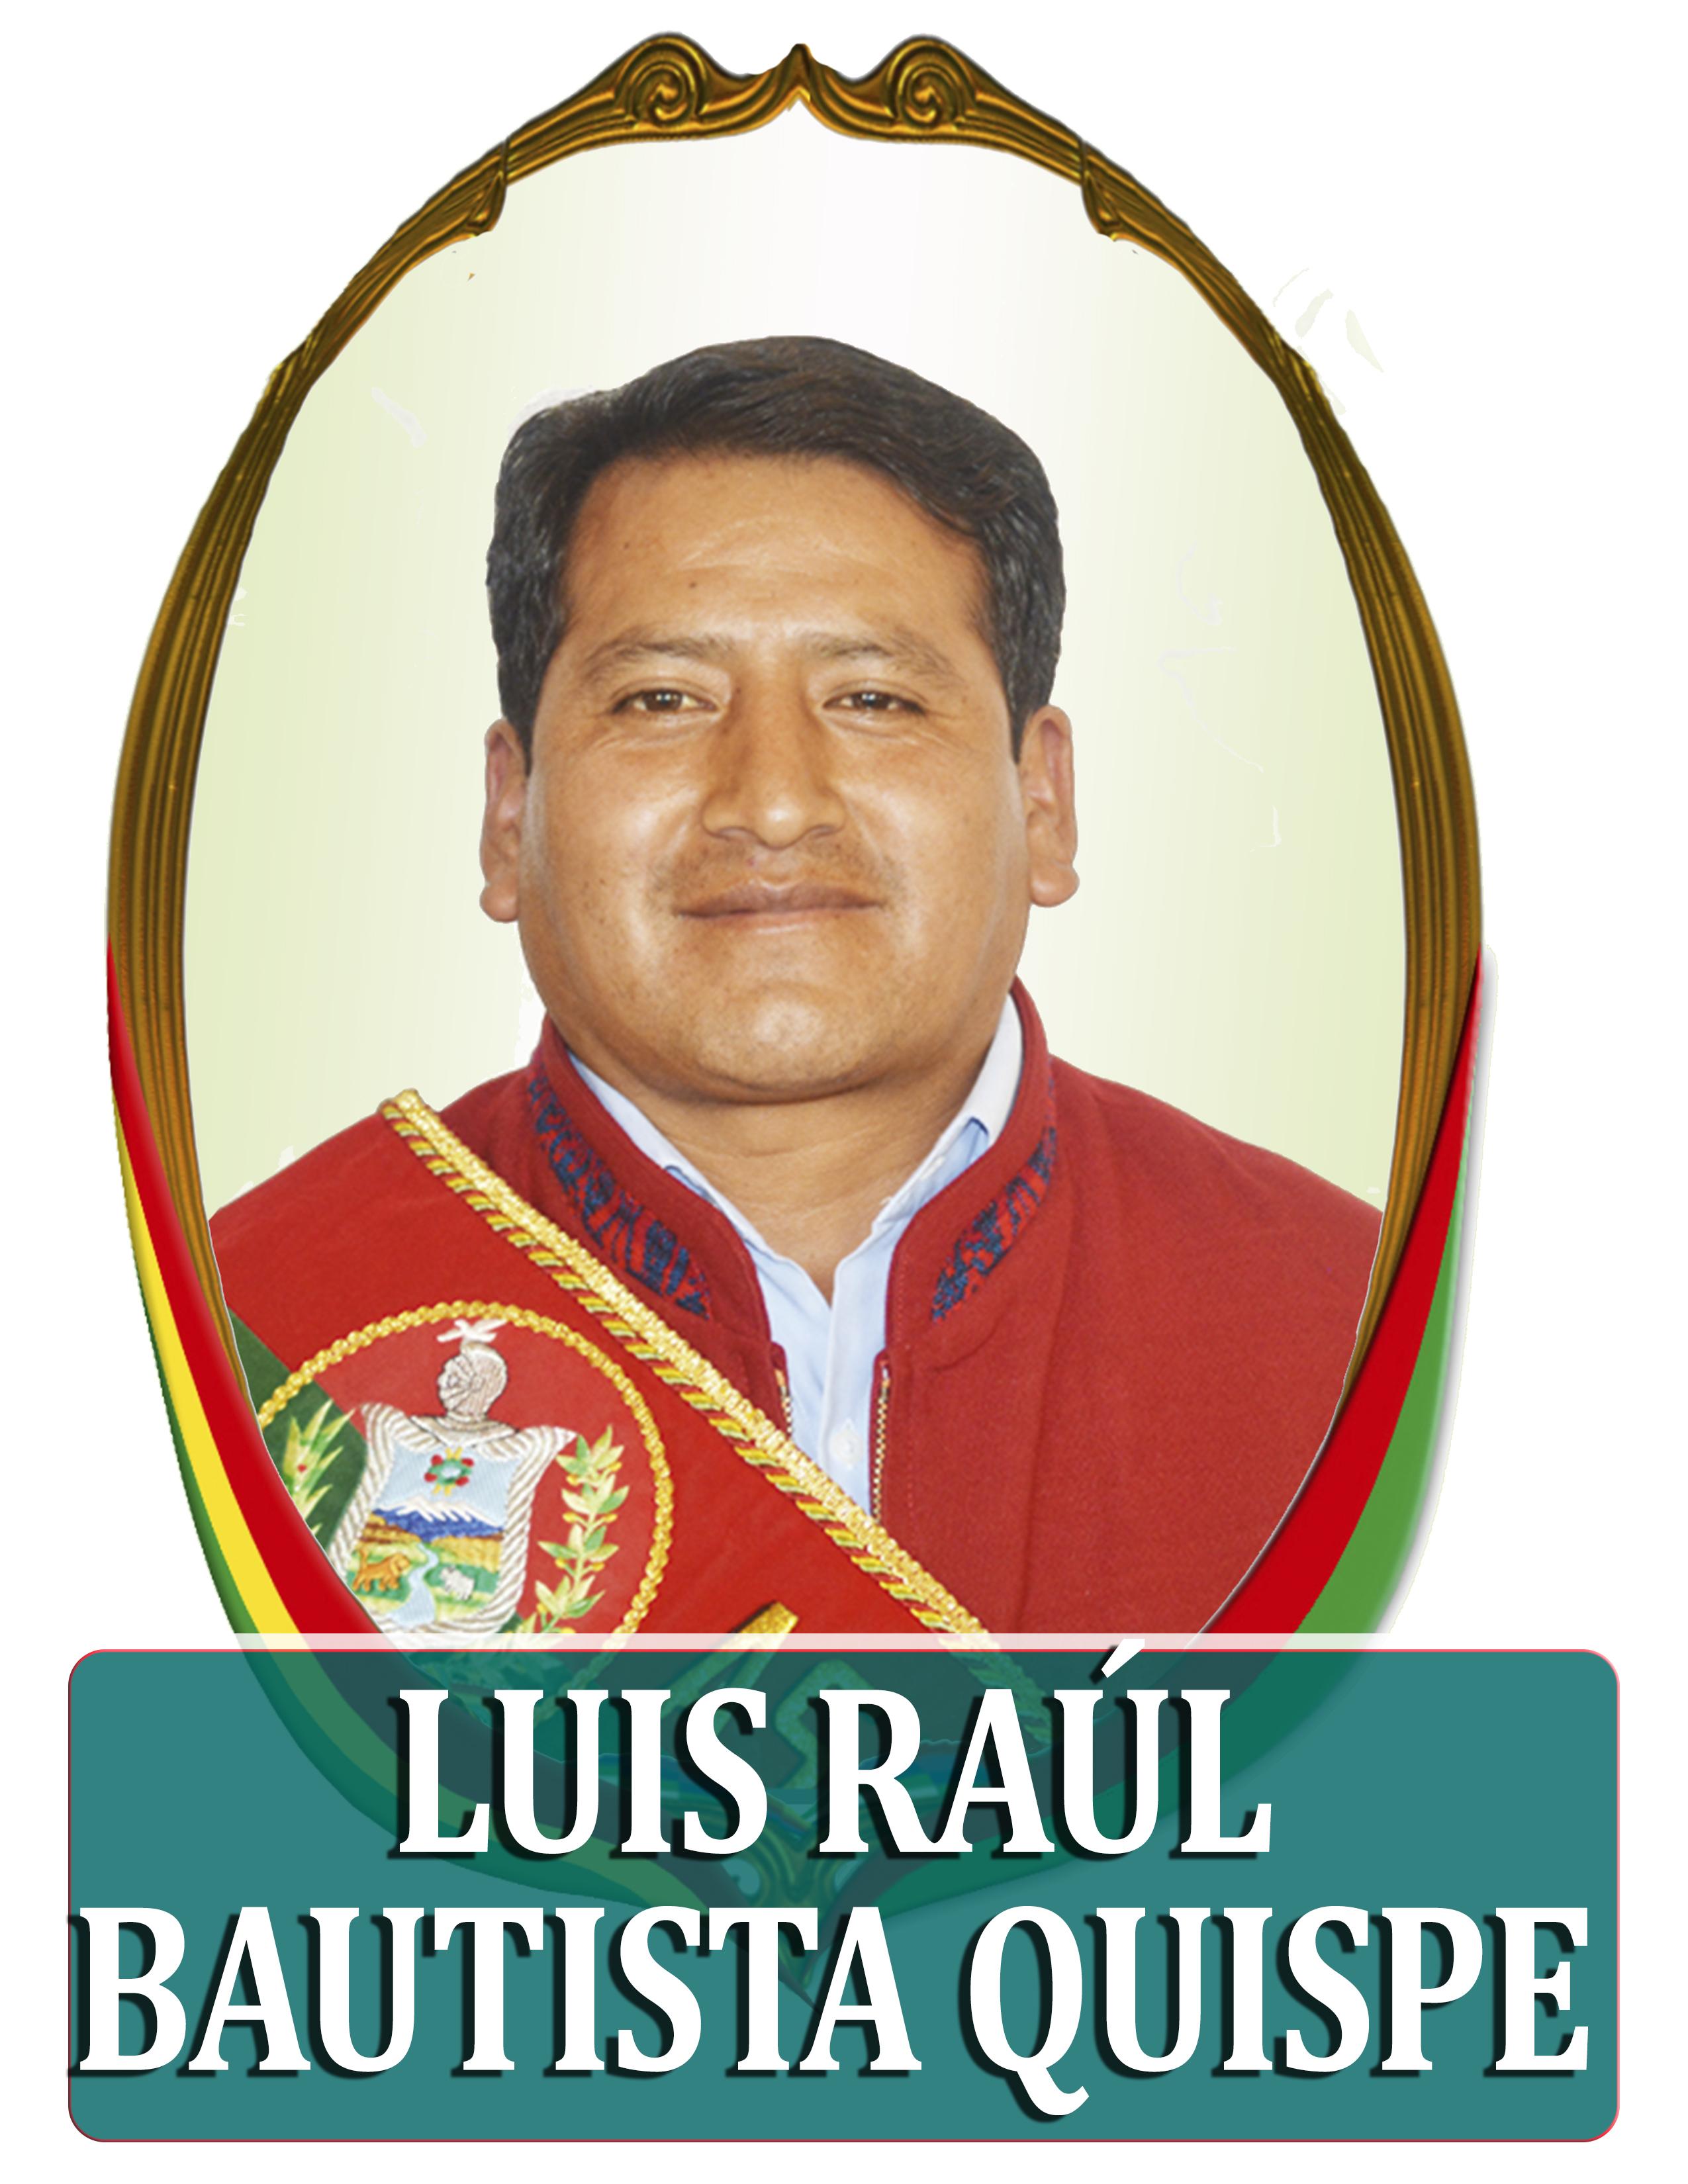 LUIS RAUL BAUTISTA QUISPE